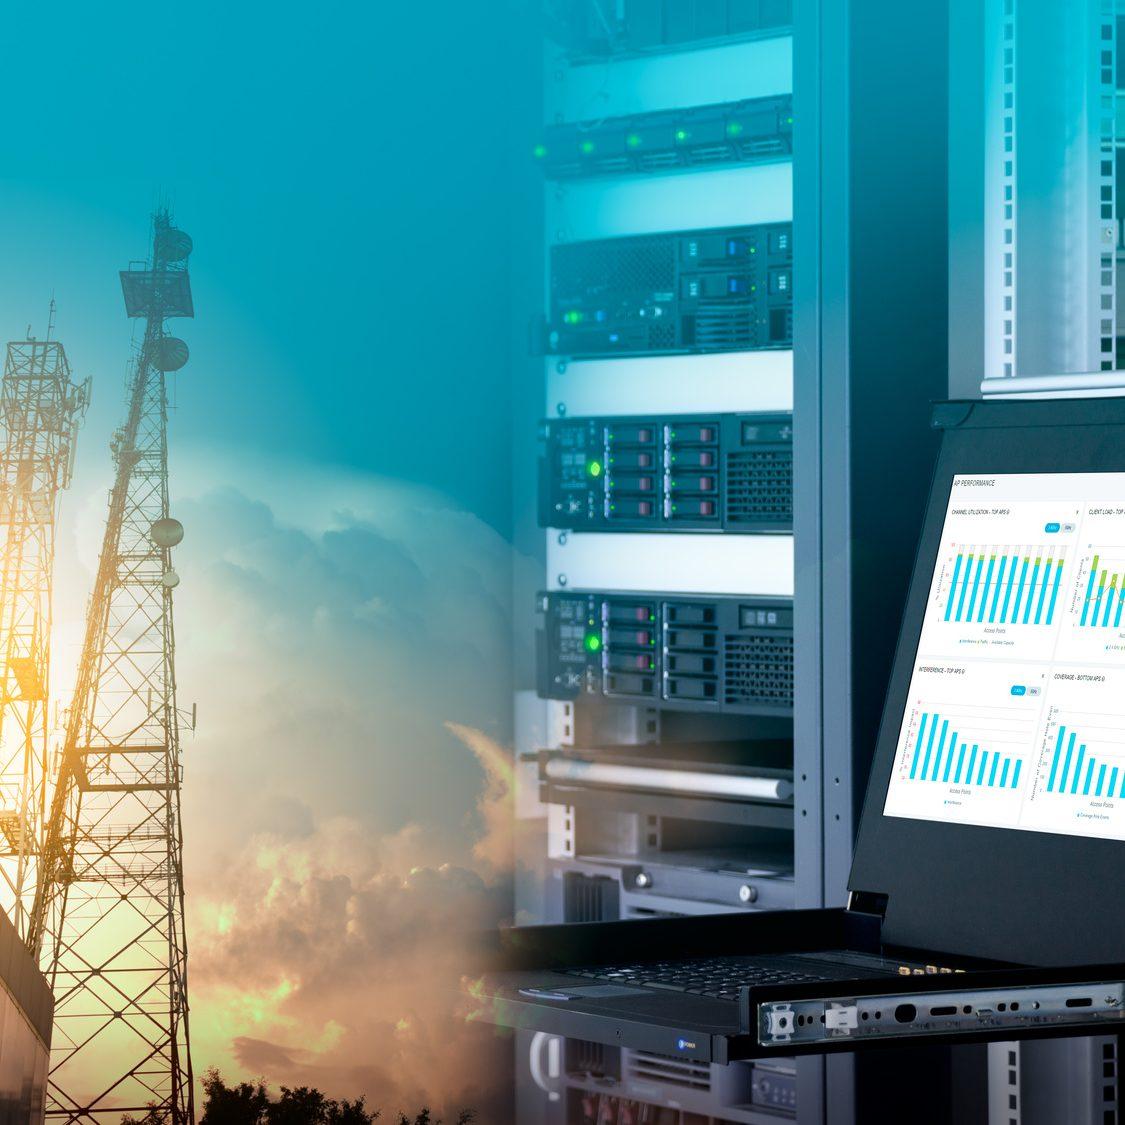 Réseaux de télécommunication, solution informatique